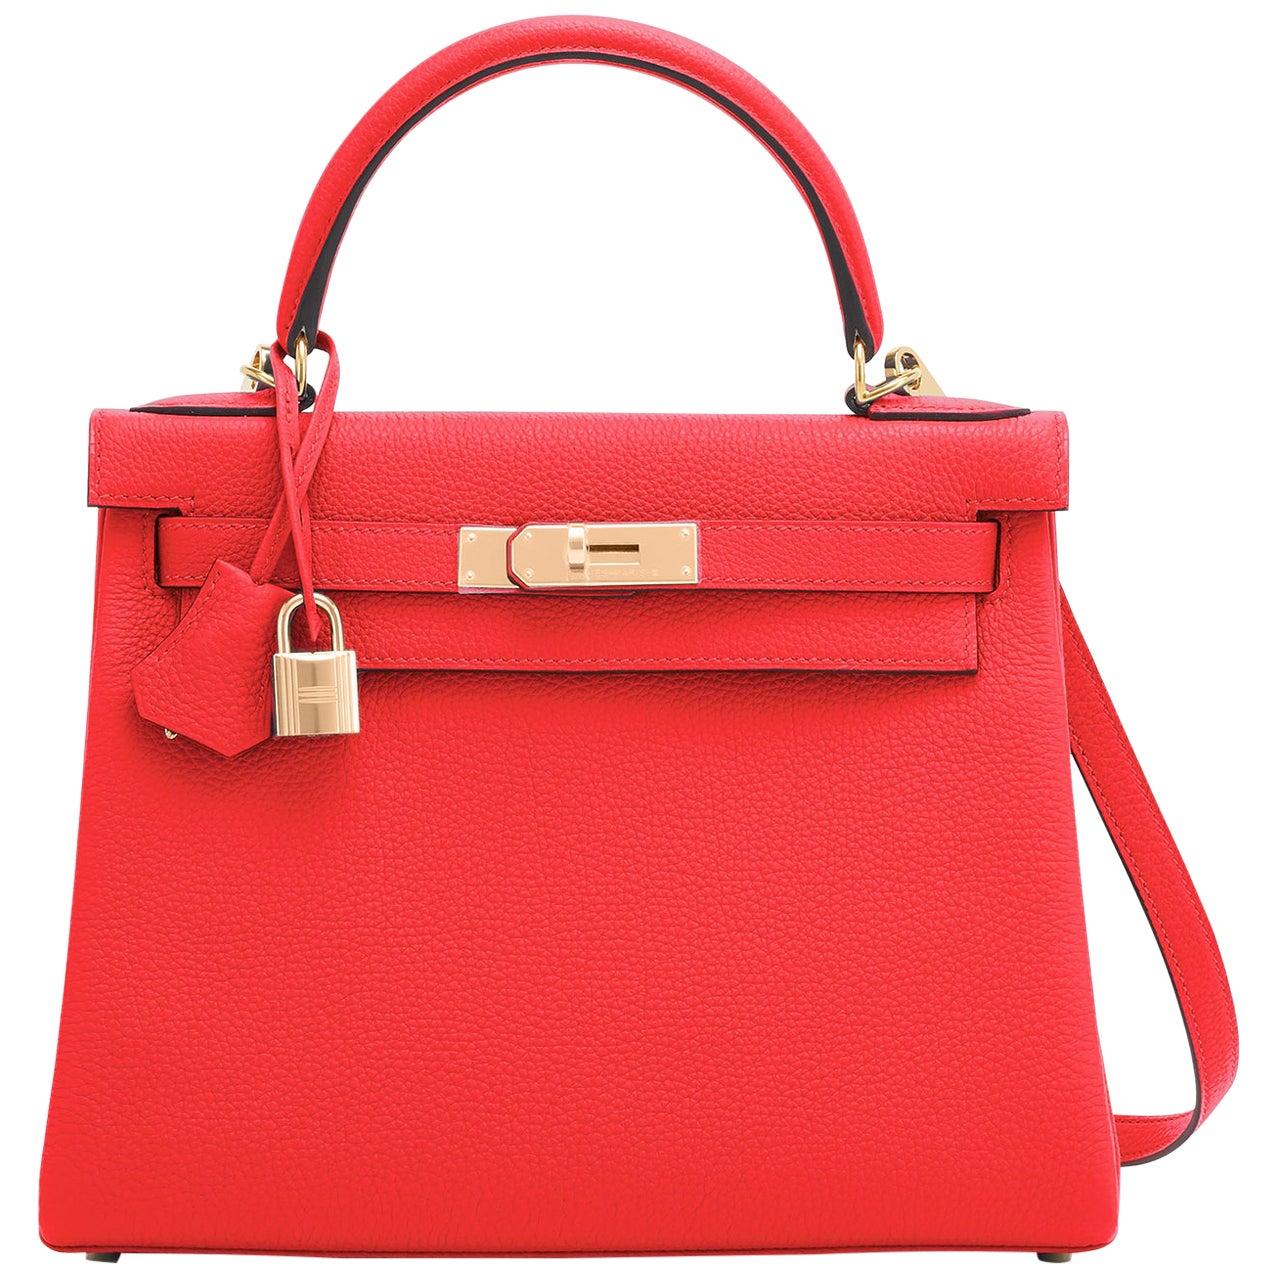 Hermes Kelly 28cm Capucine Red Orange Togo Gold Shoulder Bag Y Stamp, 2020